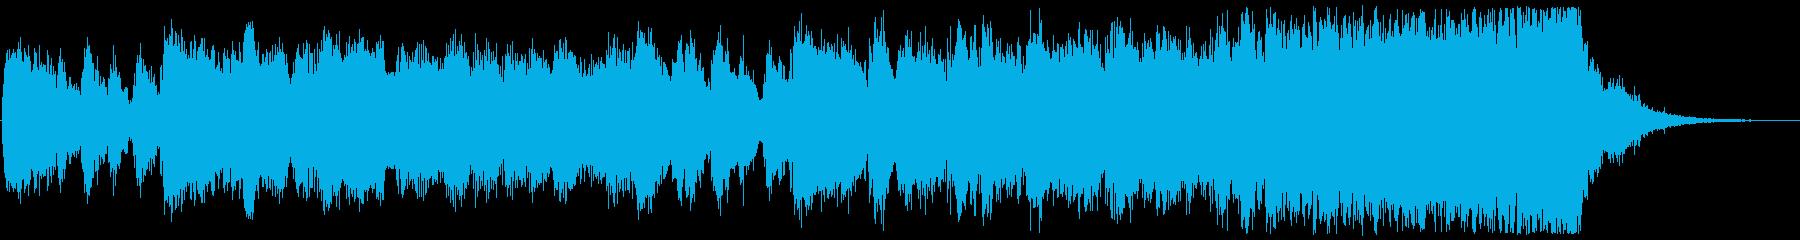 華やかで力強いファンファーレの再生済みの波形